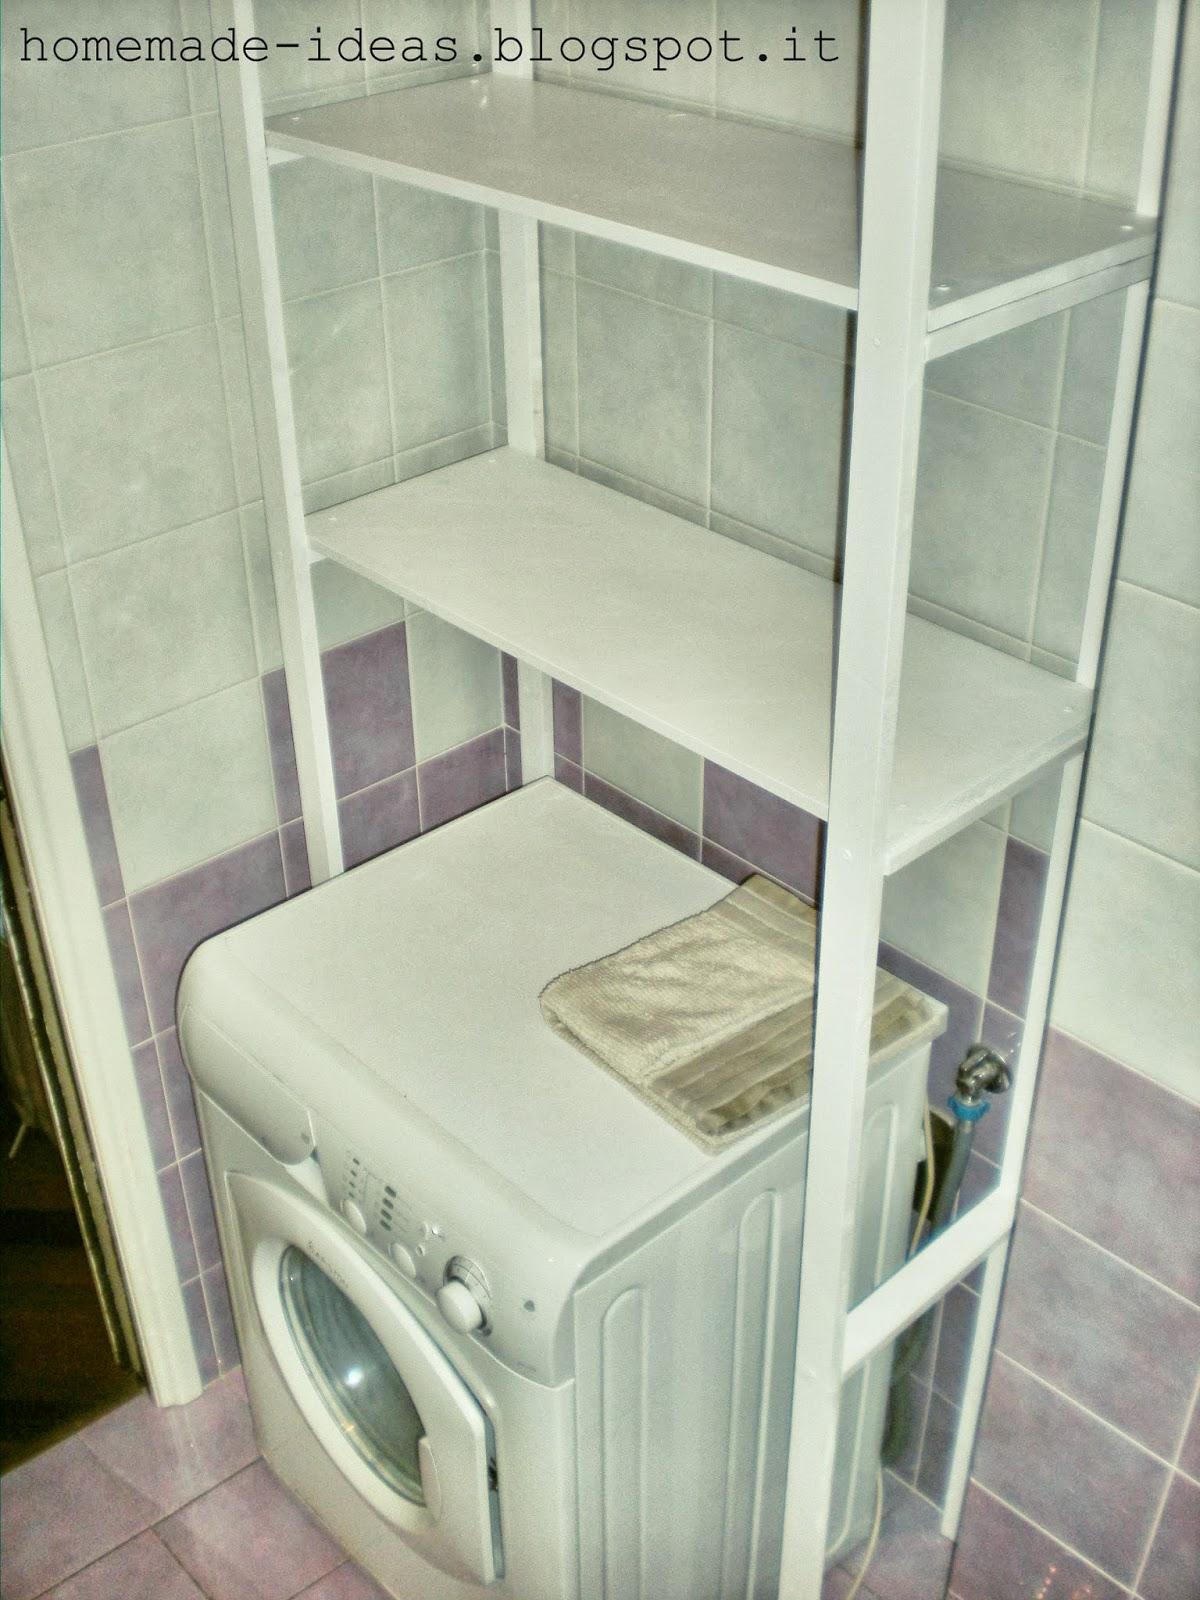 Home made ideas: costruire uno scaffale su misura per la nostra casa